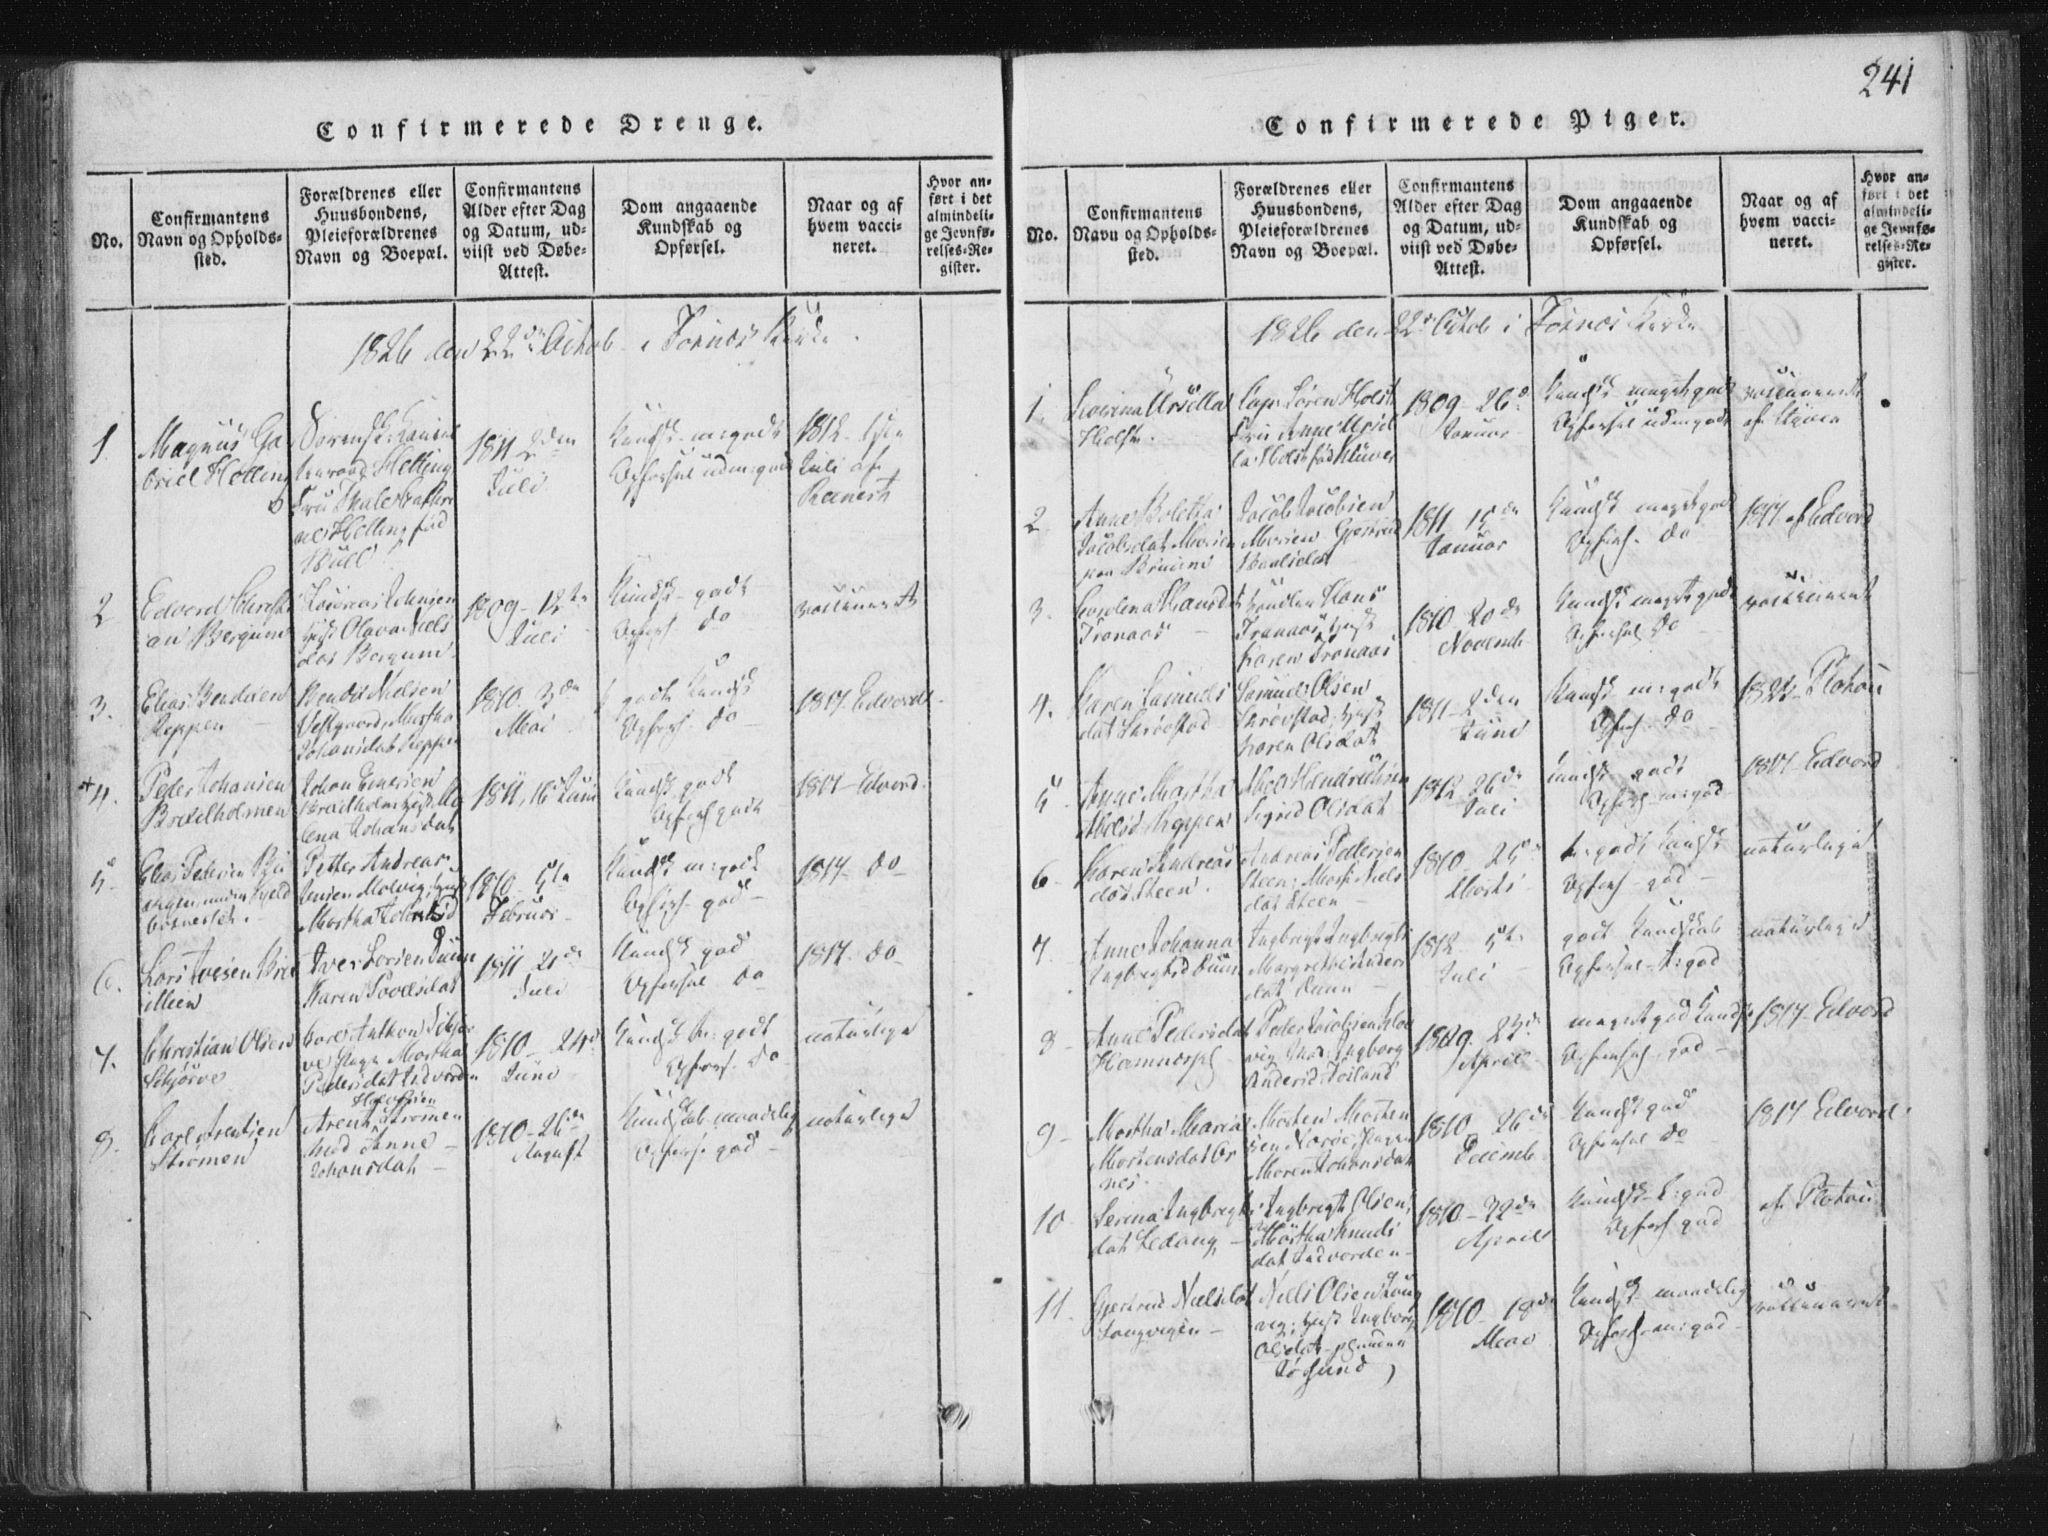 SAT, Ministerialprotokoller, klokkerbøker og fødselsregistre - Nord-Trøndelag, 773/L0609: Ministerialbok nr. 773A03 /1, 1815-1830, s. 241